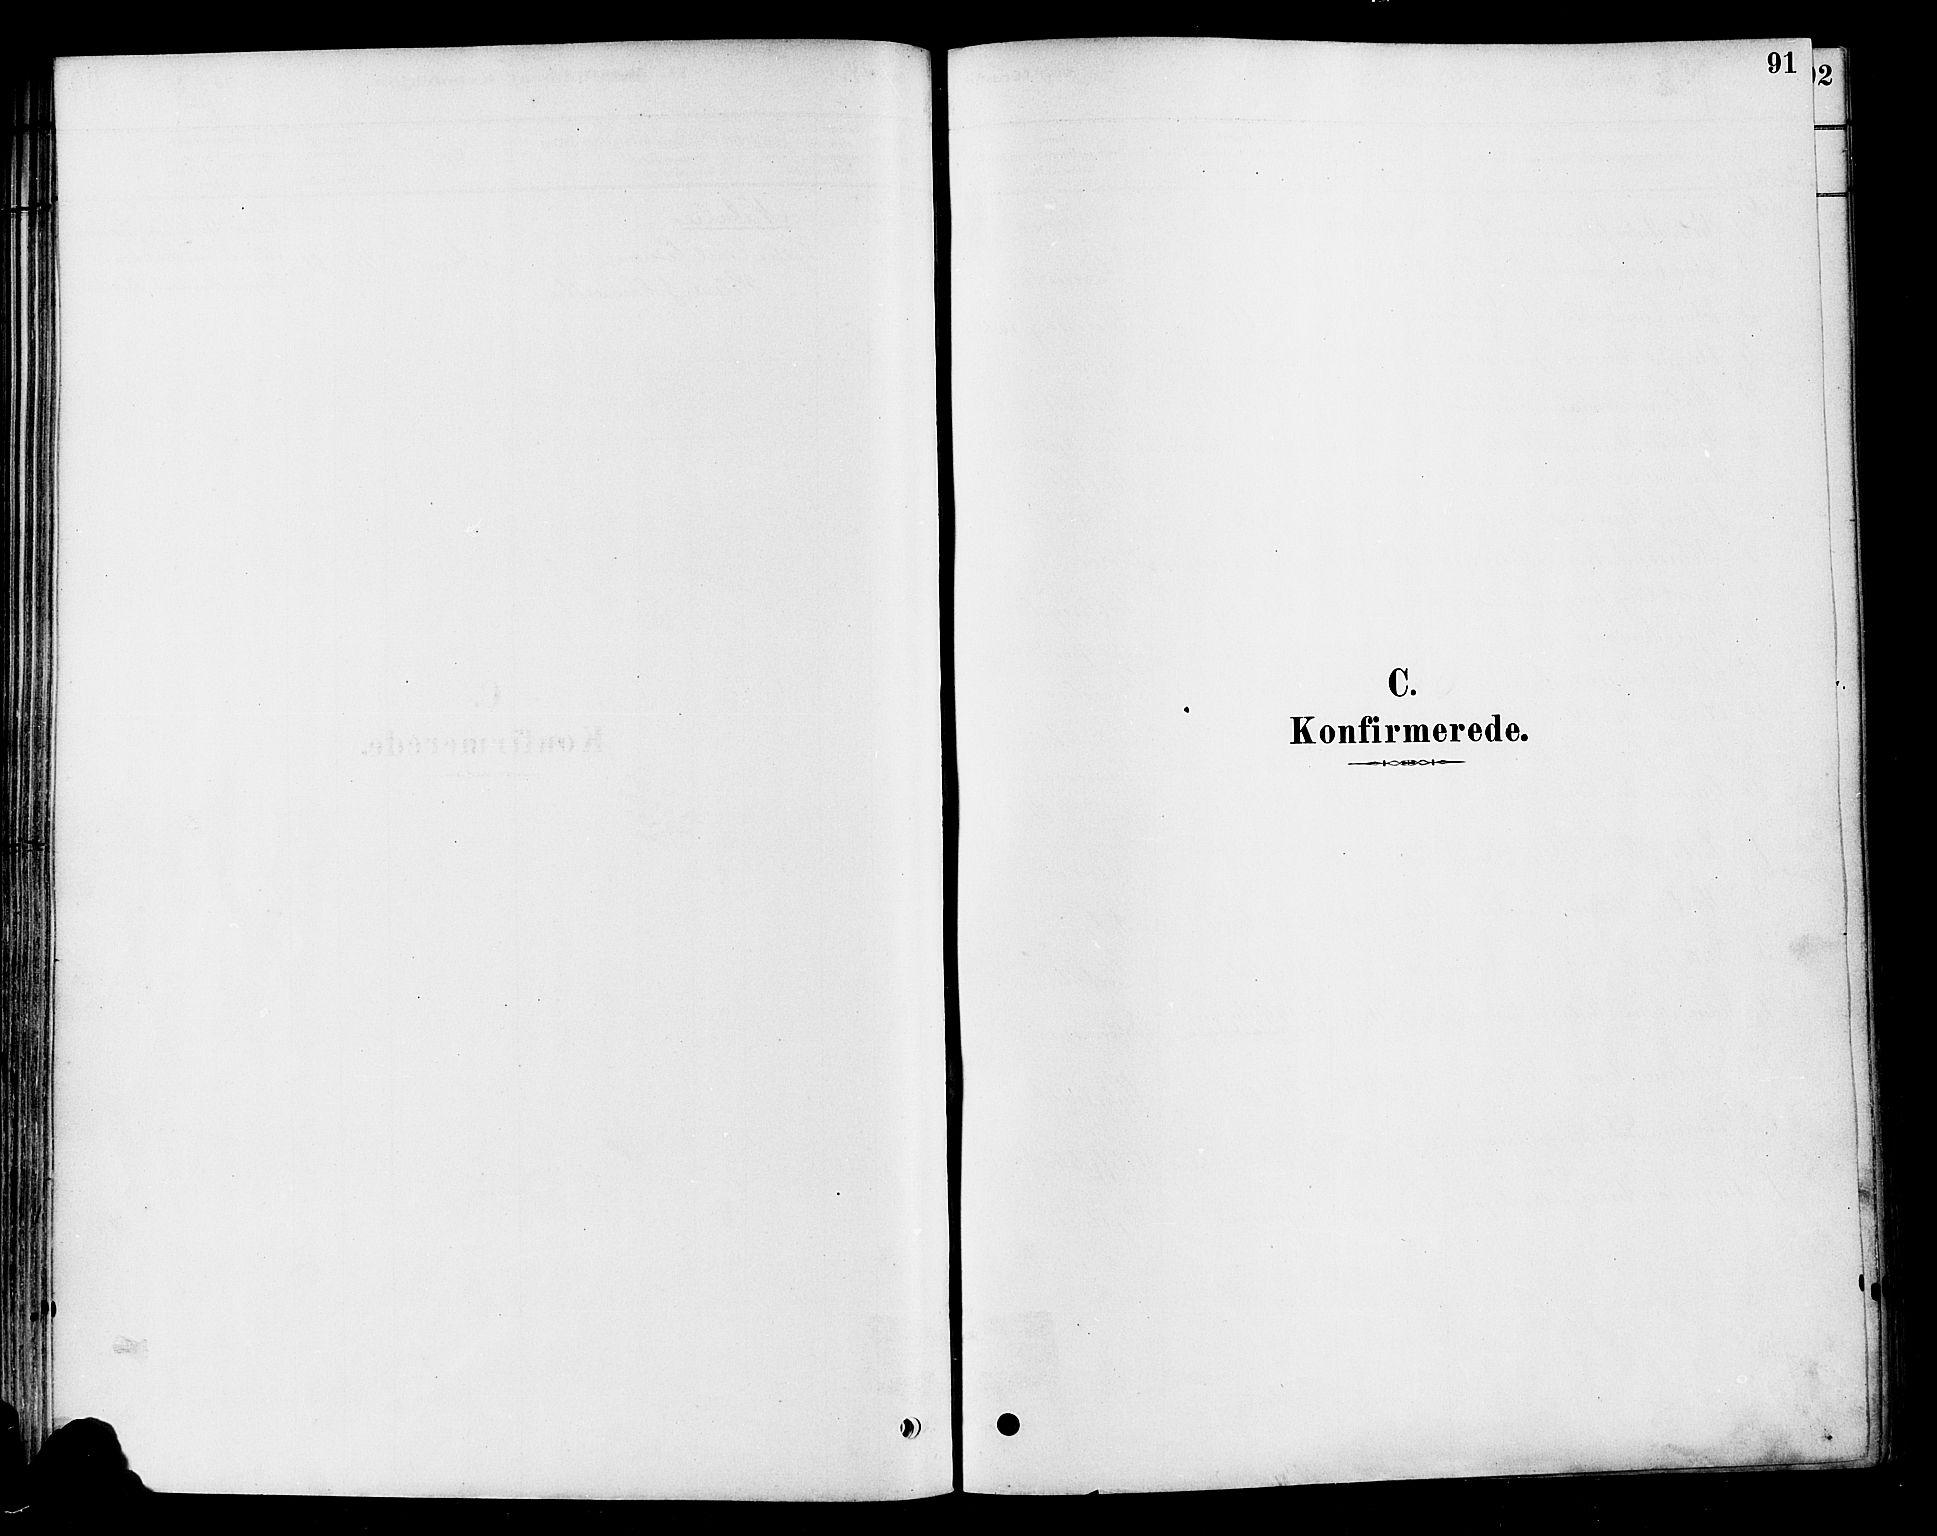 SAH, Vestre Toten prestekontor, Ministerialbok nr. 10, 1878-1894, s. 91